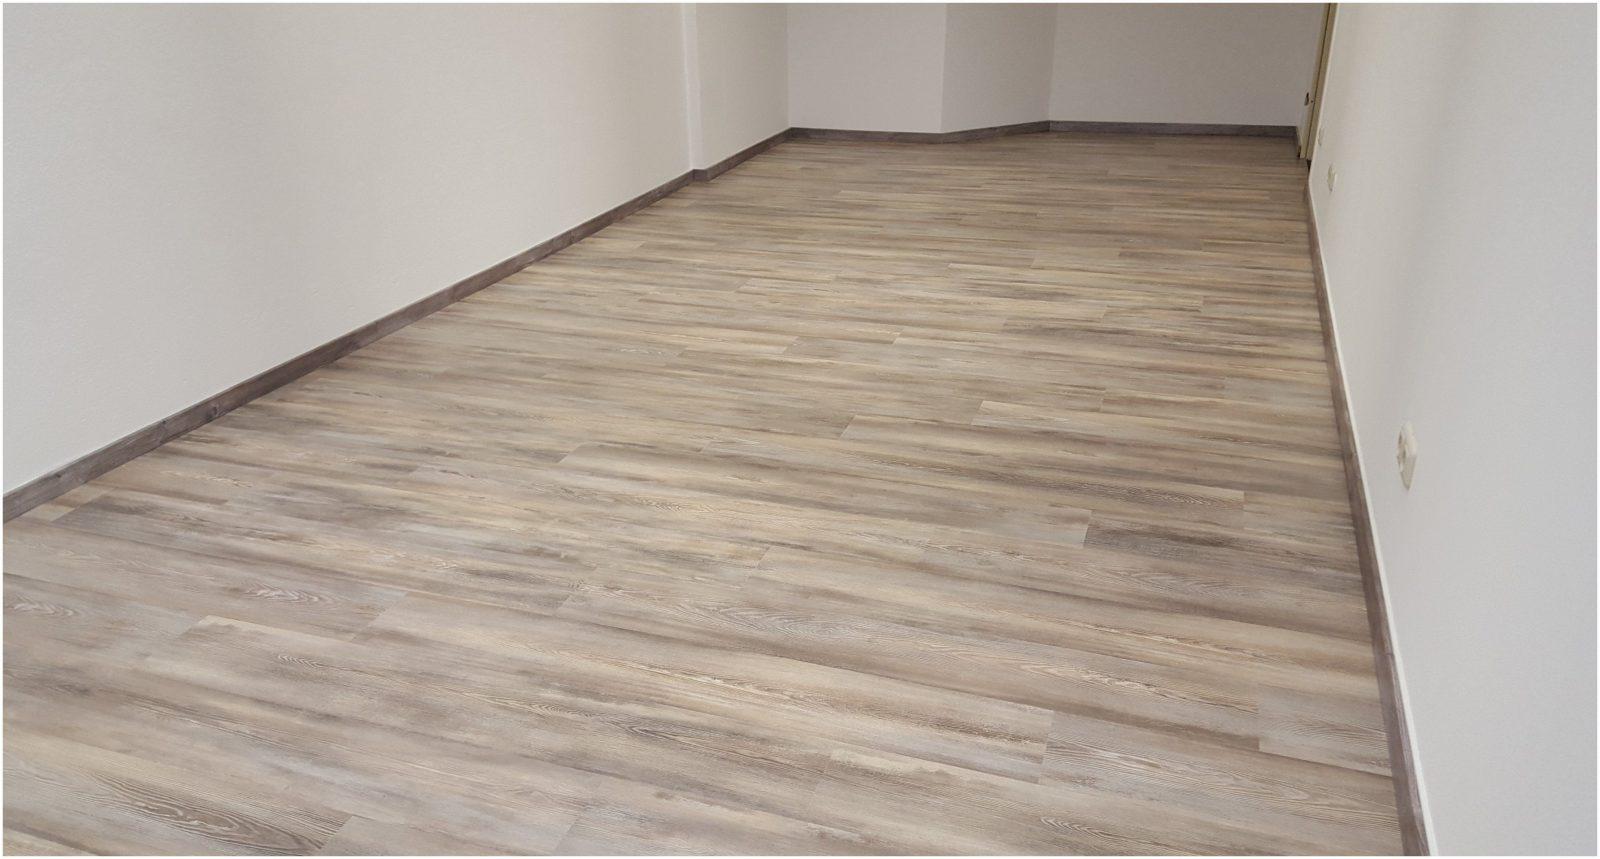 fliesen verlegen preis m2 trendy fliesen verlegen platten mosaik von fliesen verlegen kosten pro. Black Bedroom Furniture Sets. Home Design Ideas